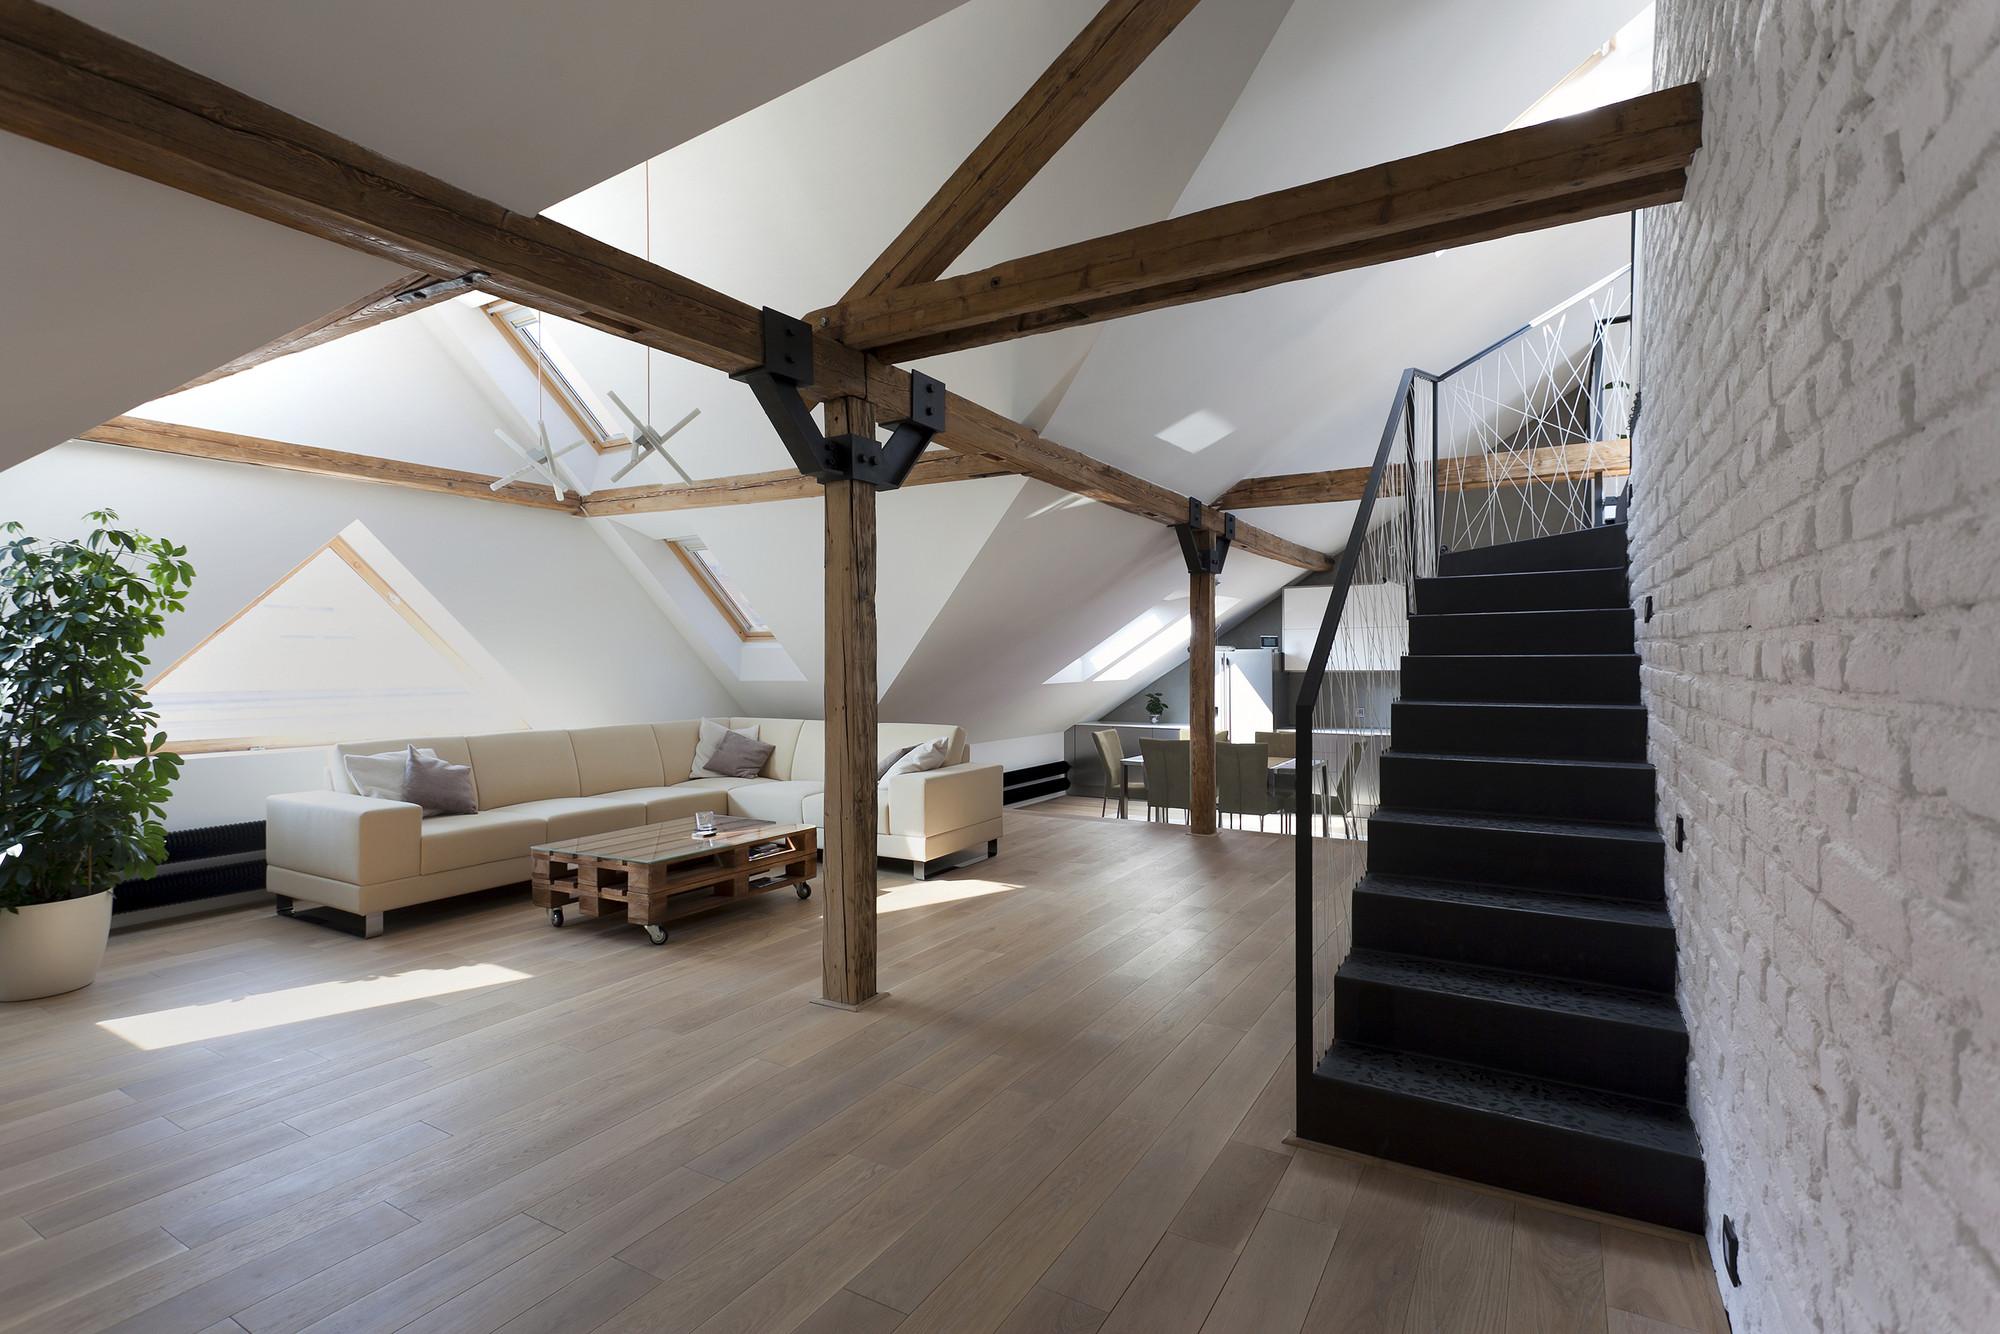 portada_Attic_Loft_Reconstruction_-_3-_living_room